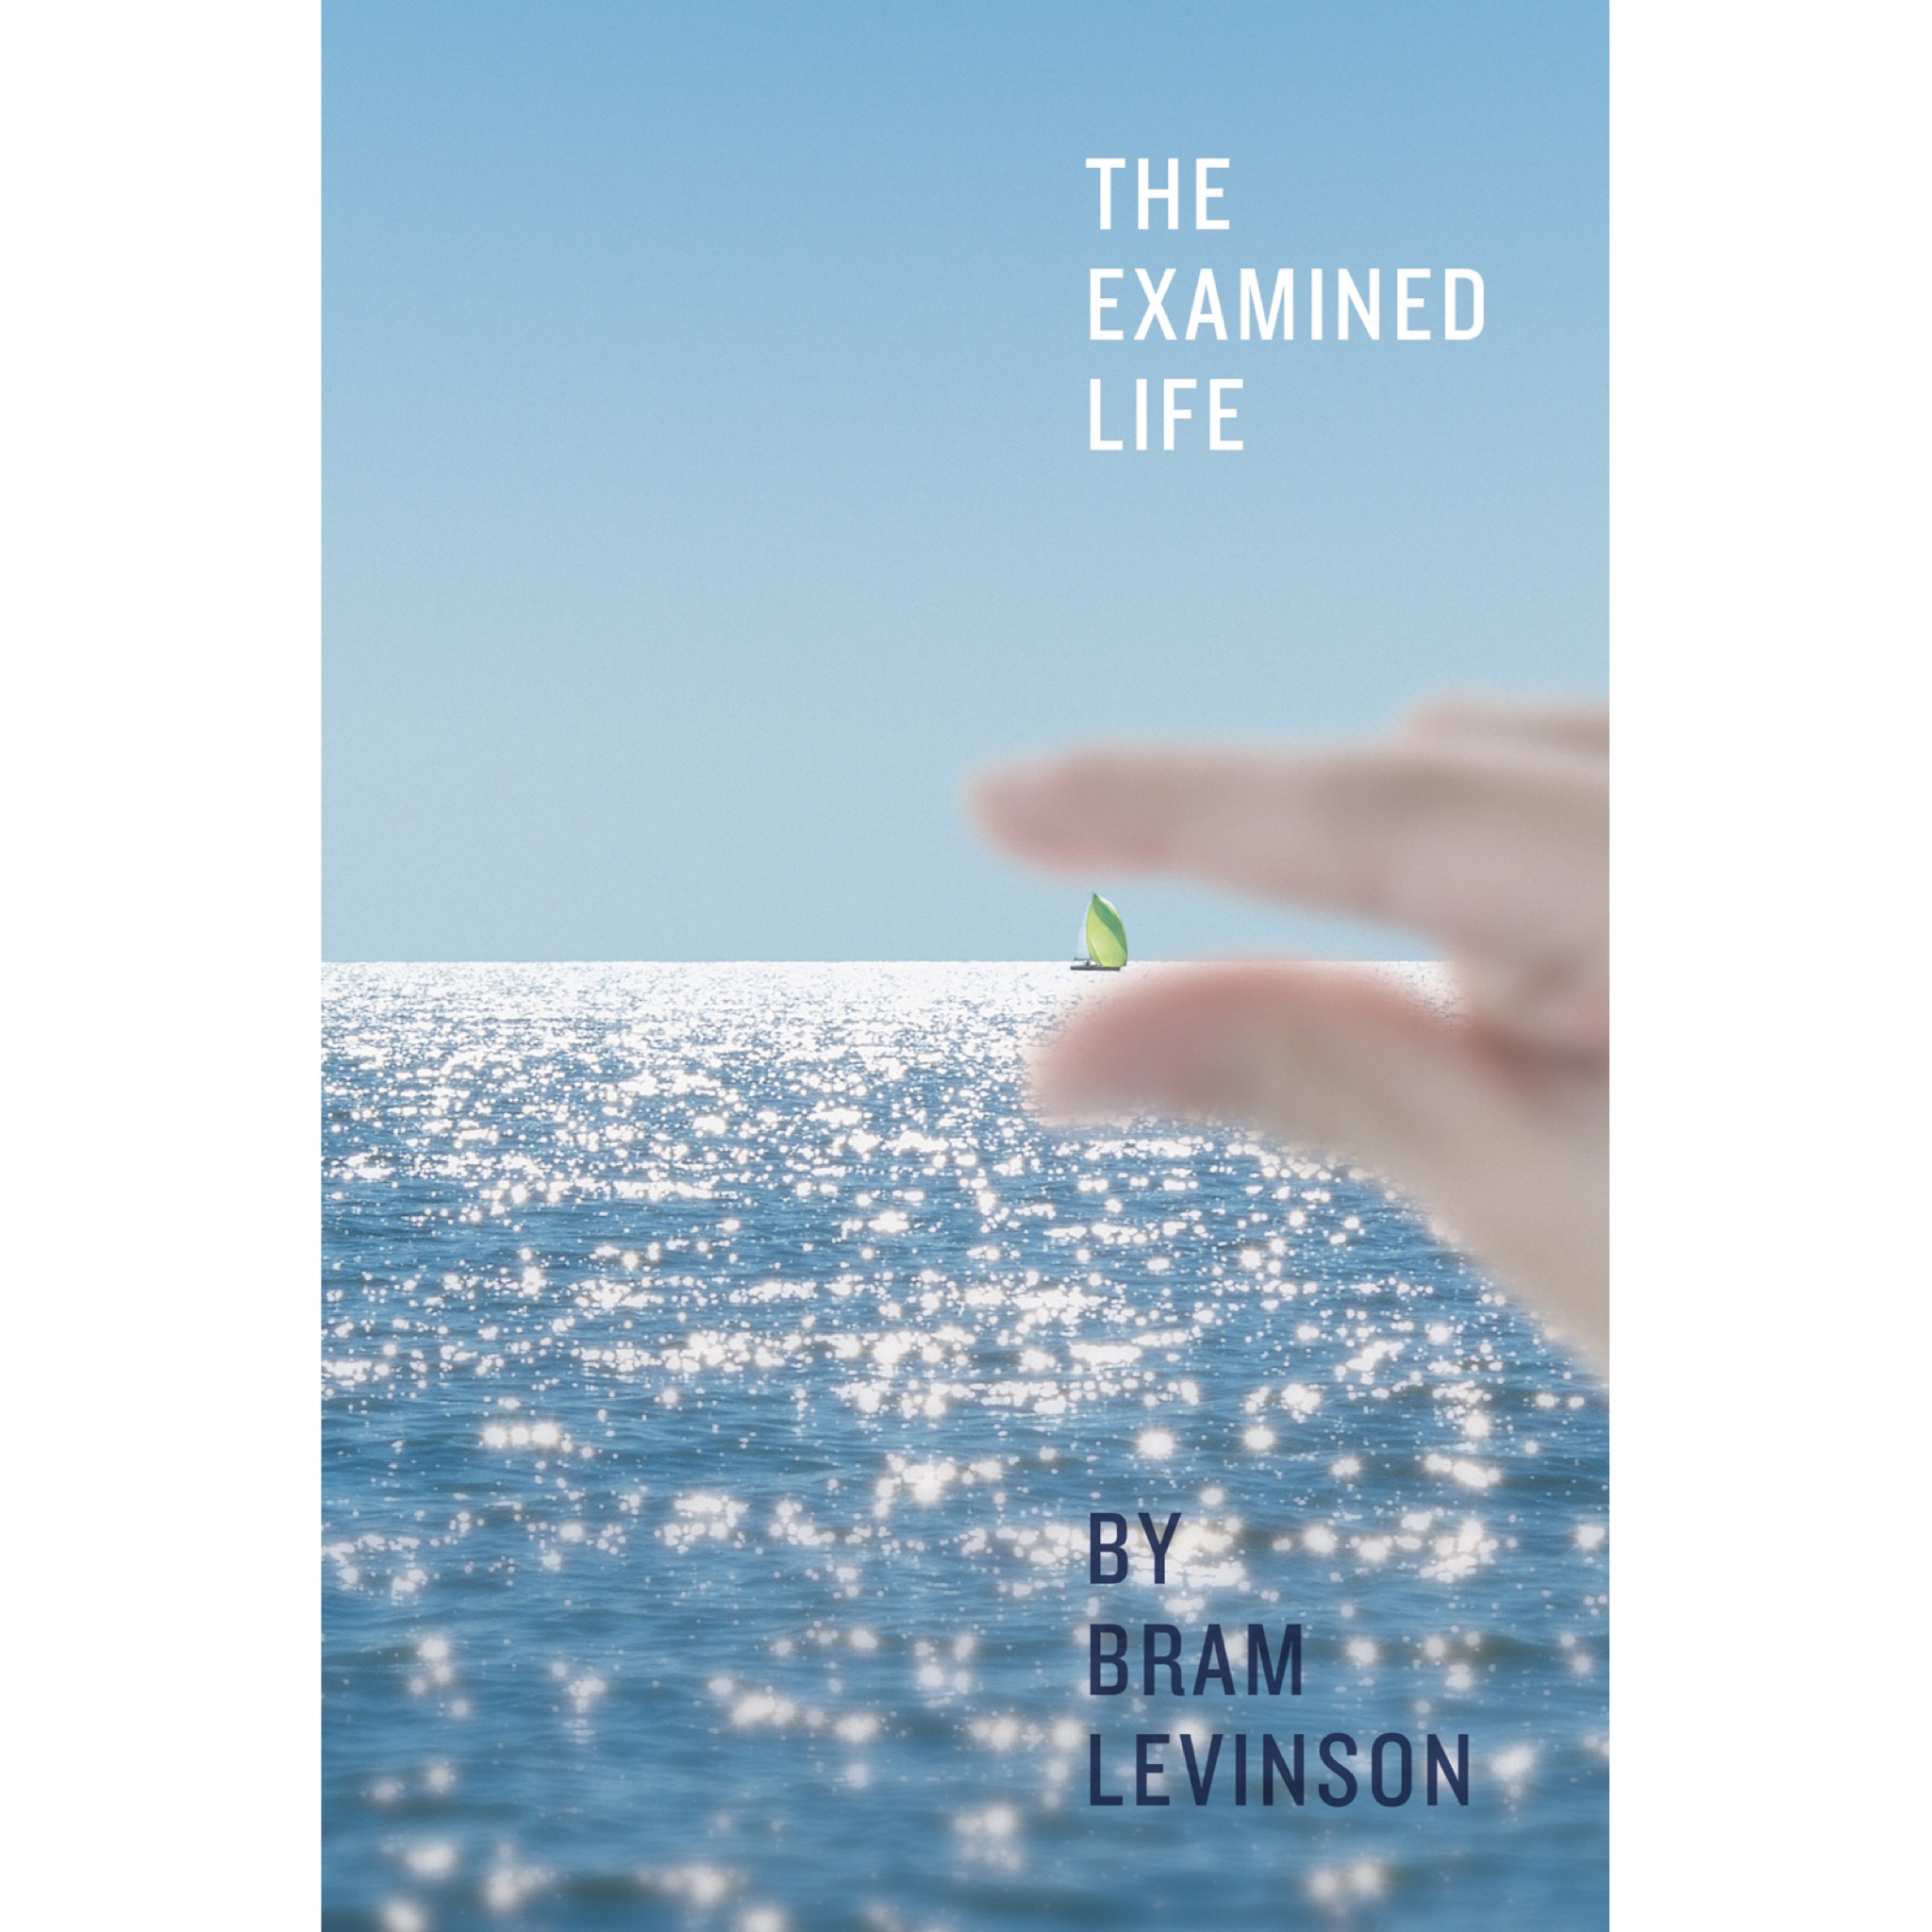 The Examined Life 14.99 $ + txes